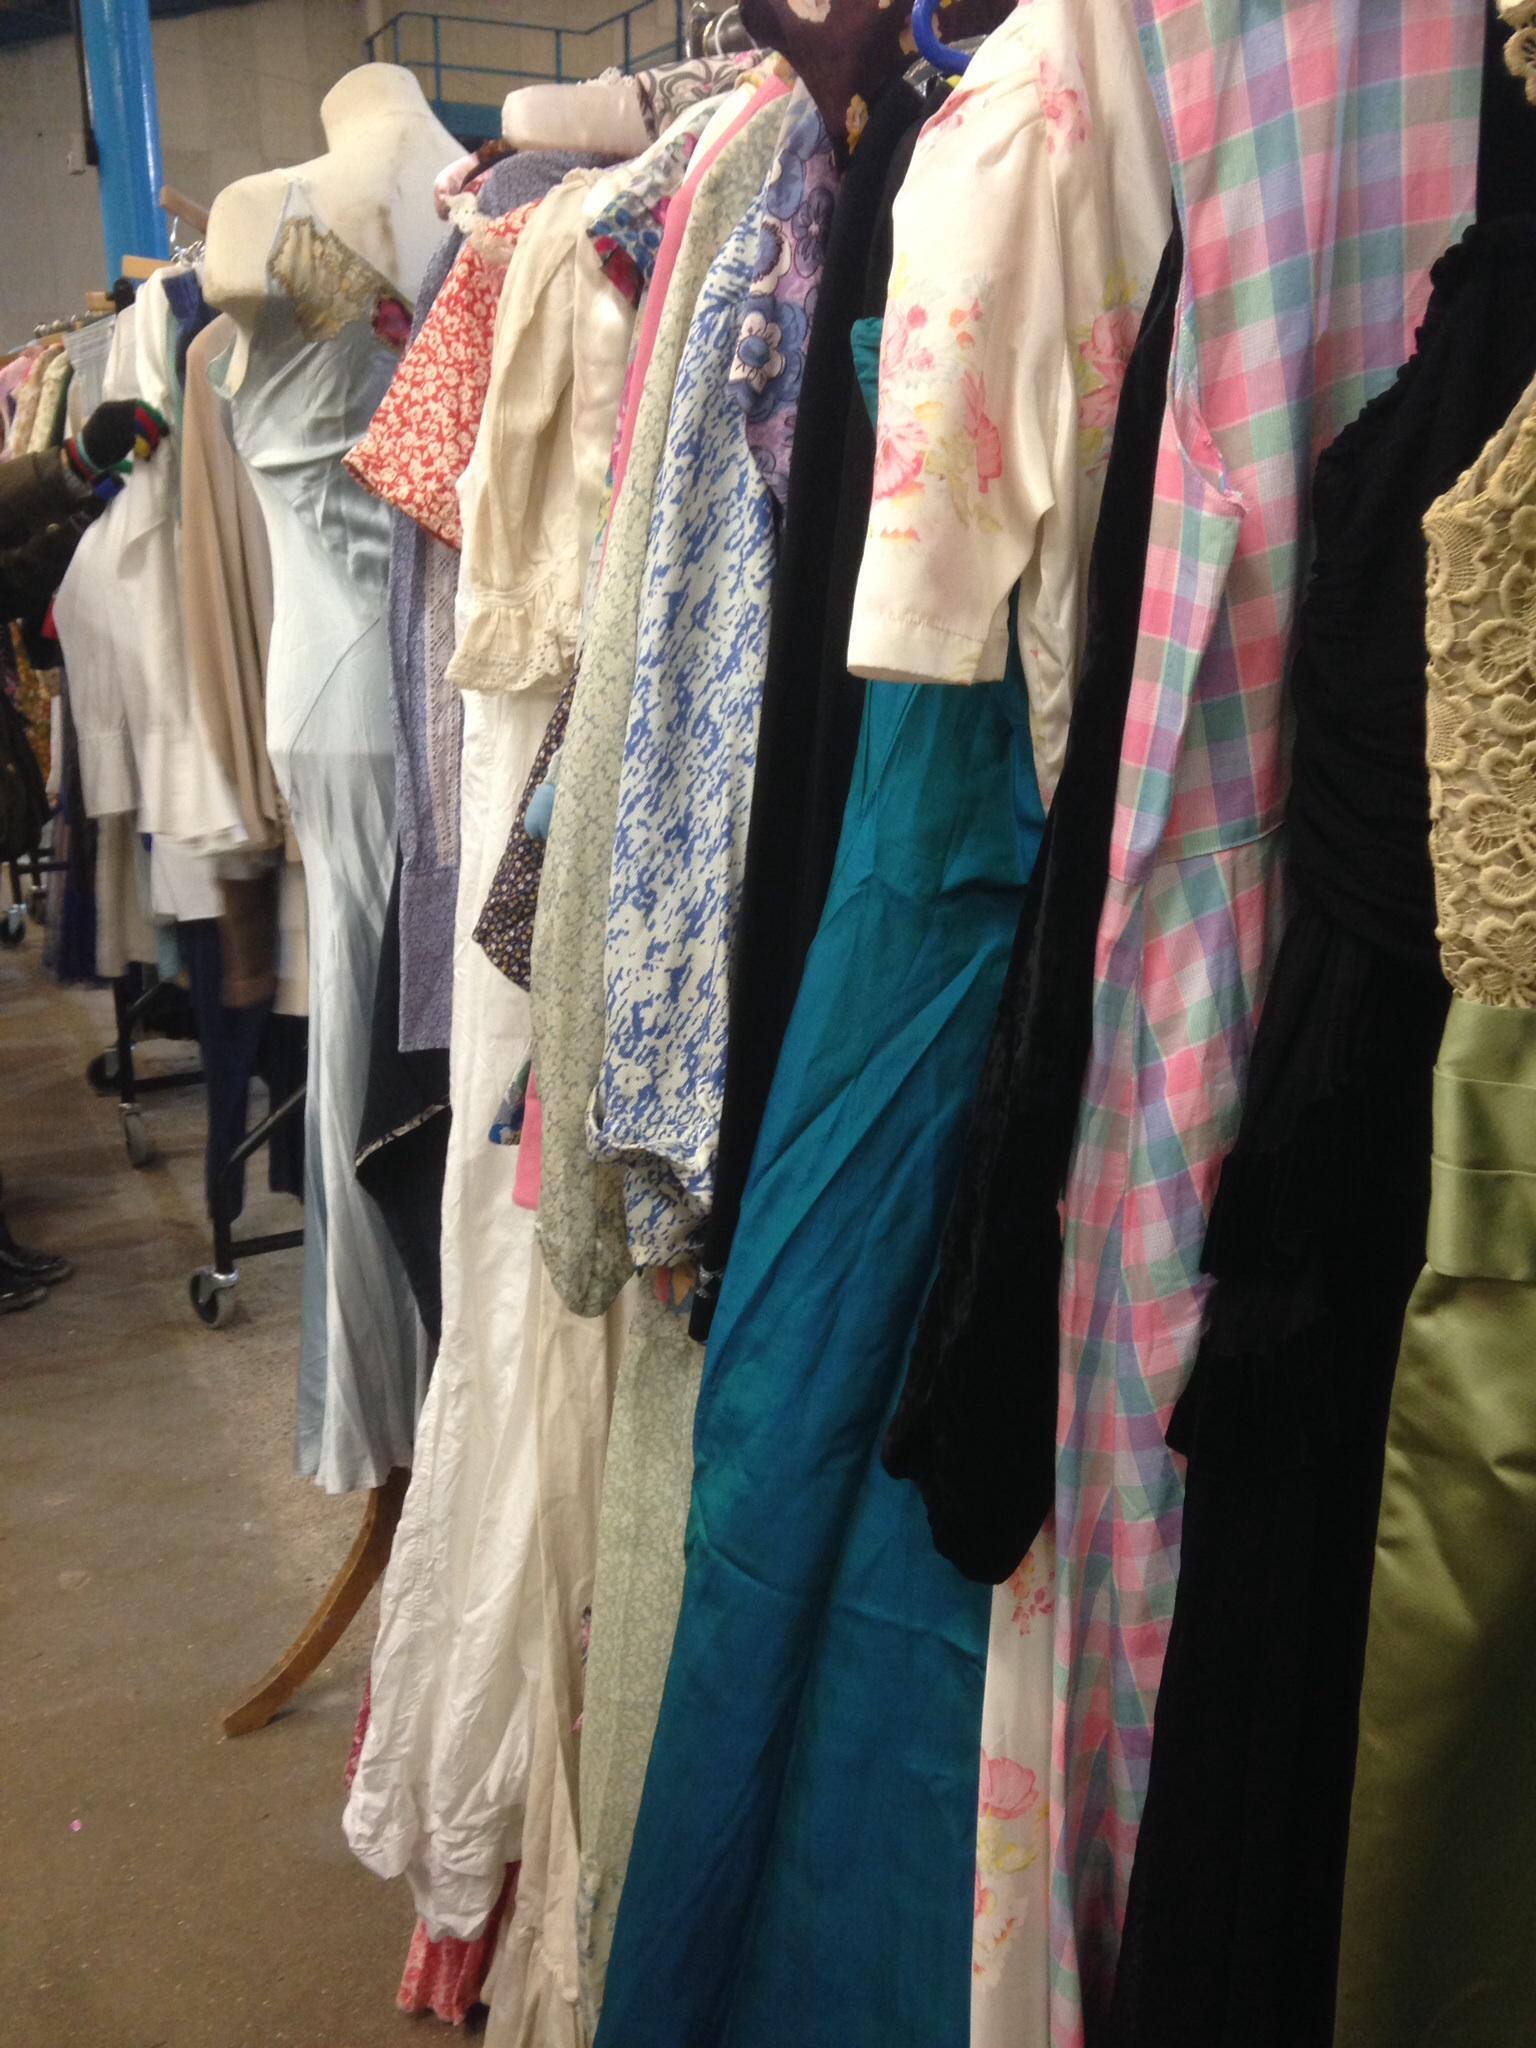 Shepton Mallet Flea Market - clothes